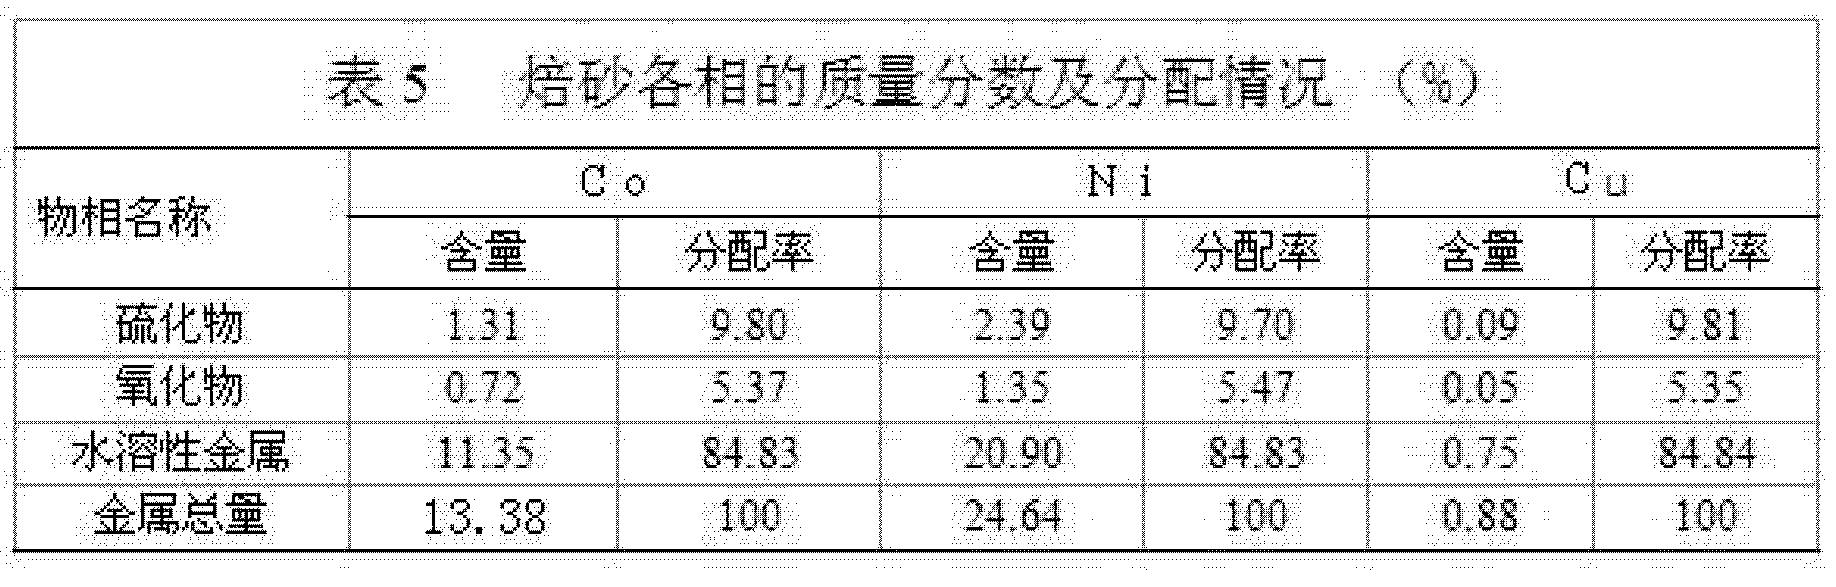 Figure CN102234721BD00053